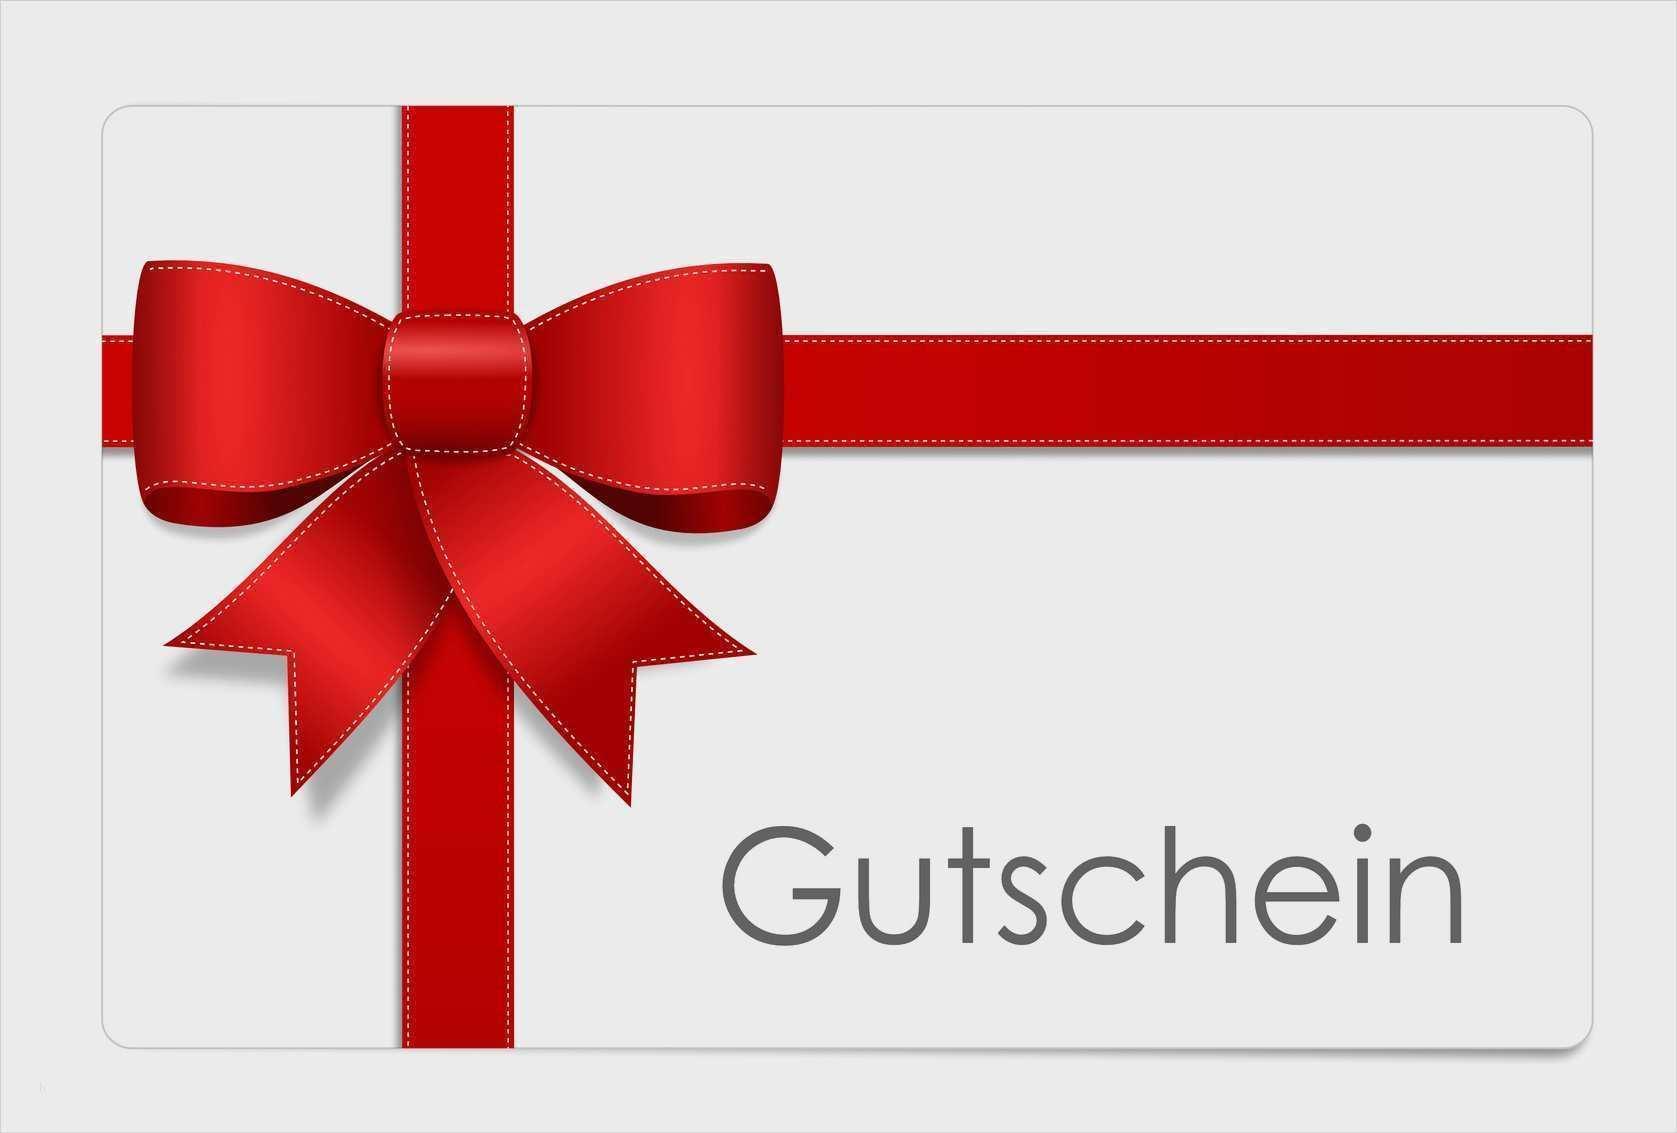 Best Of Musical Gutschein Vorlage Solche Konnen Einstellen In Microsoft Word Gutscheine Gutschein Erstellen Gutschein Vorlage